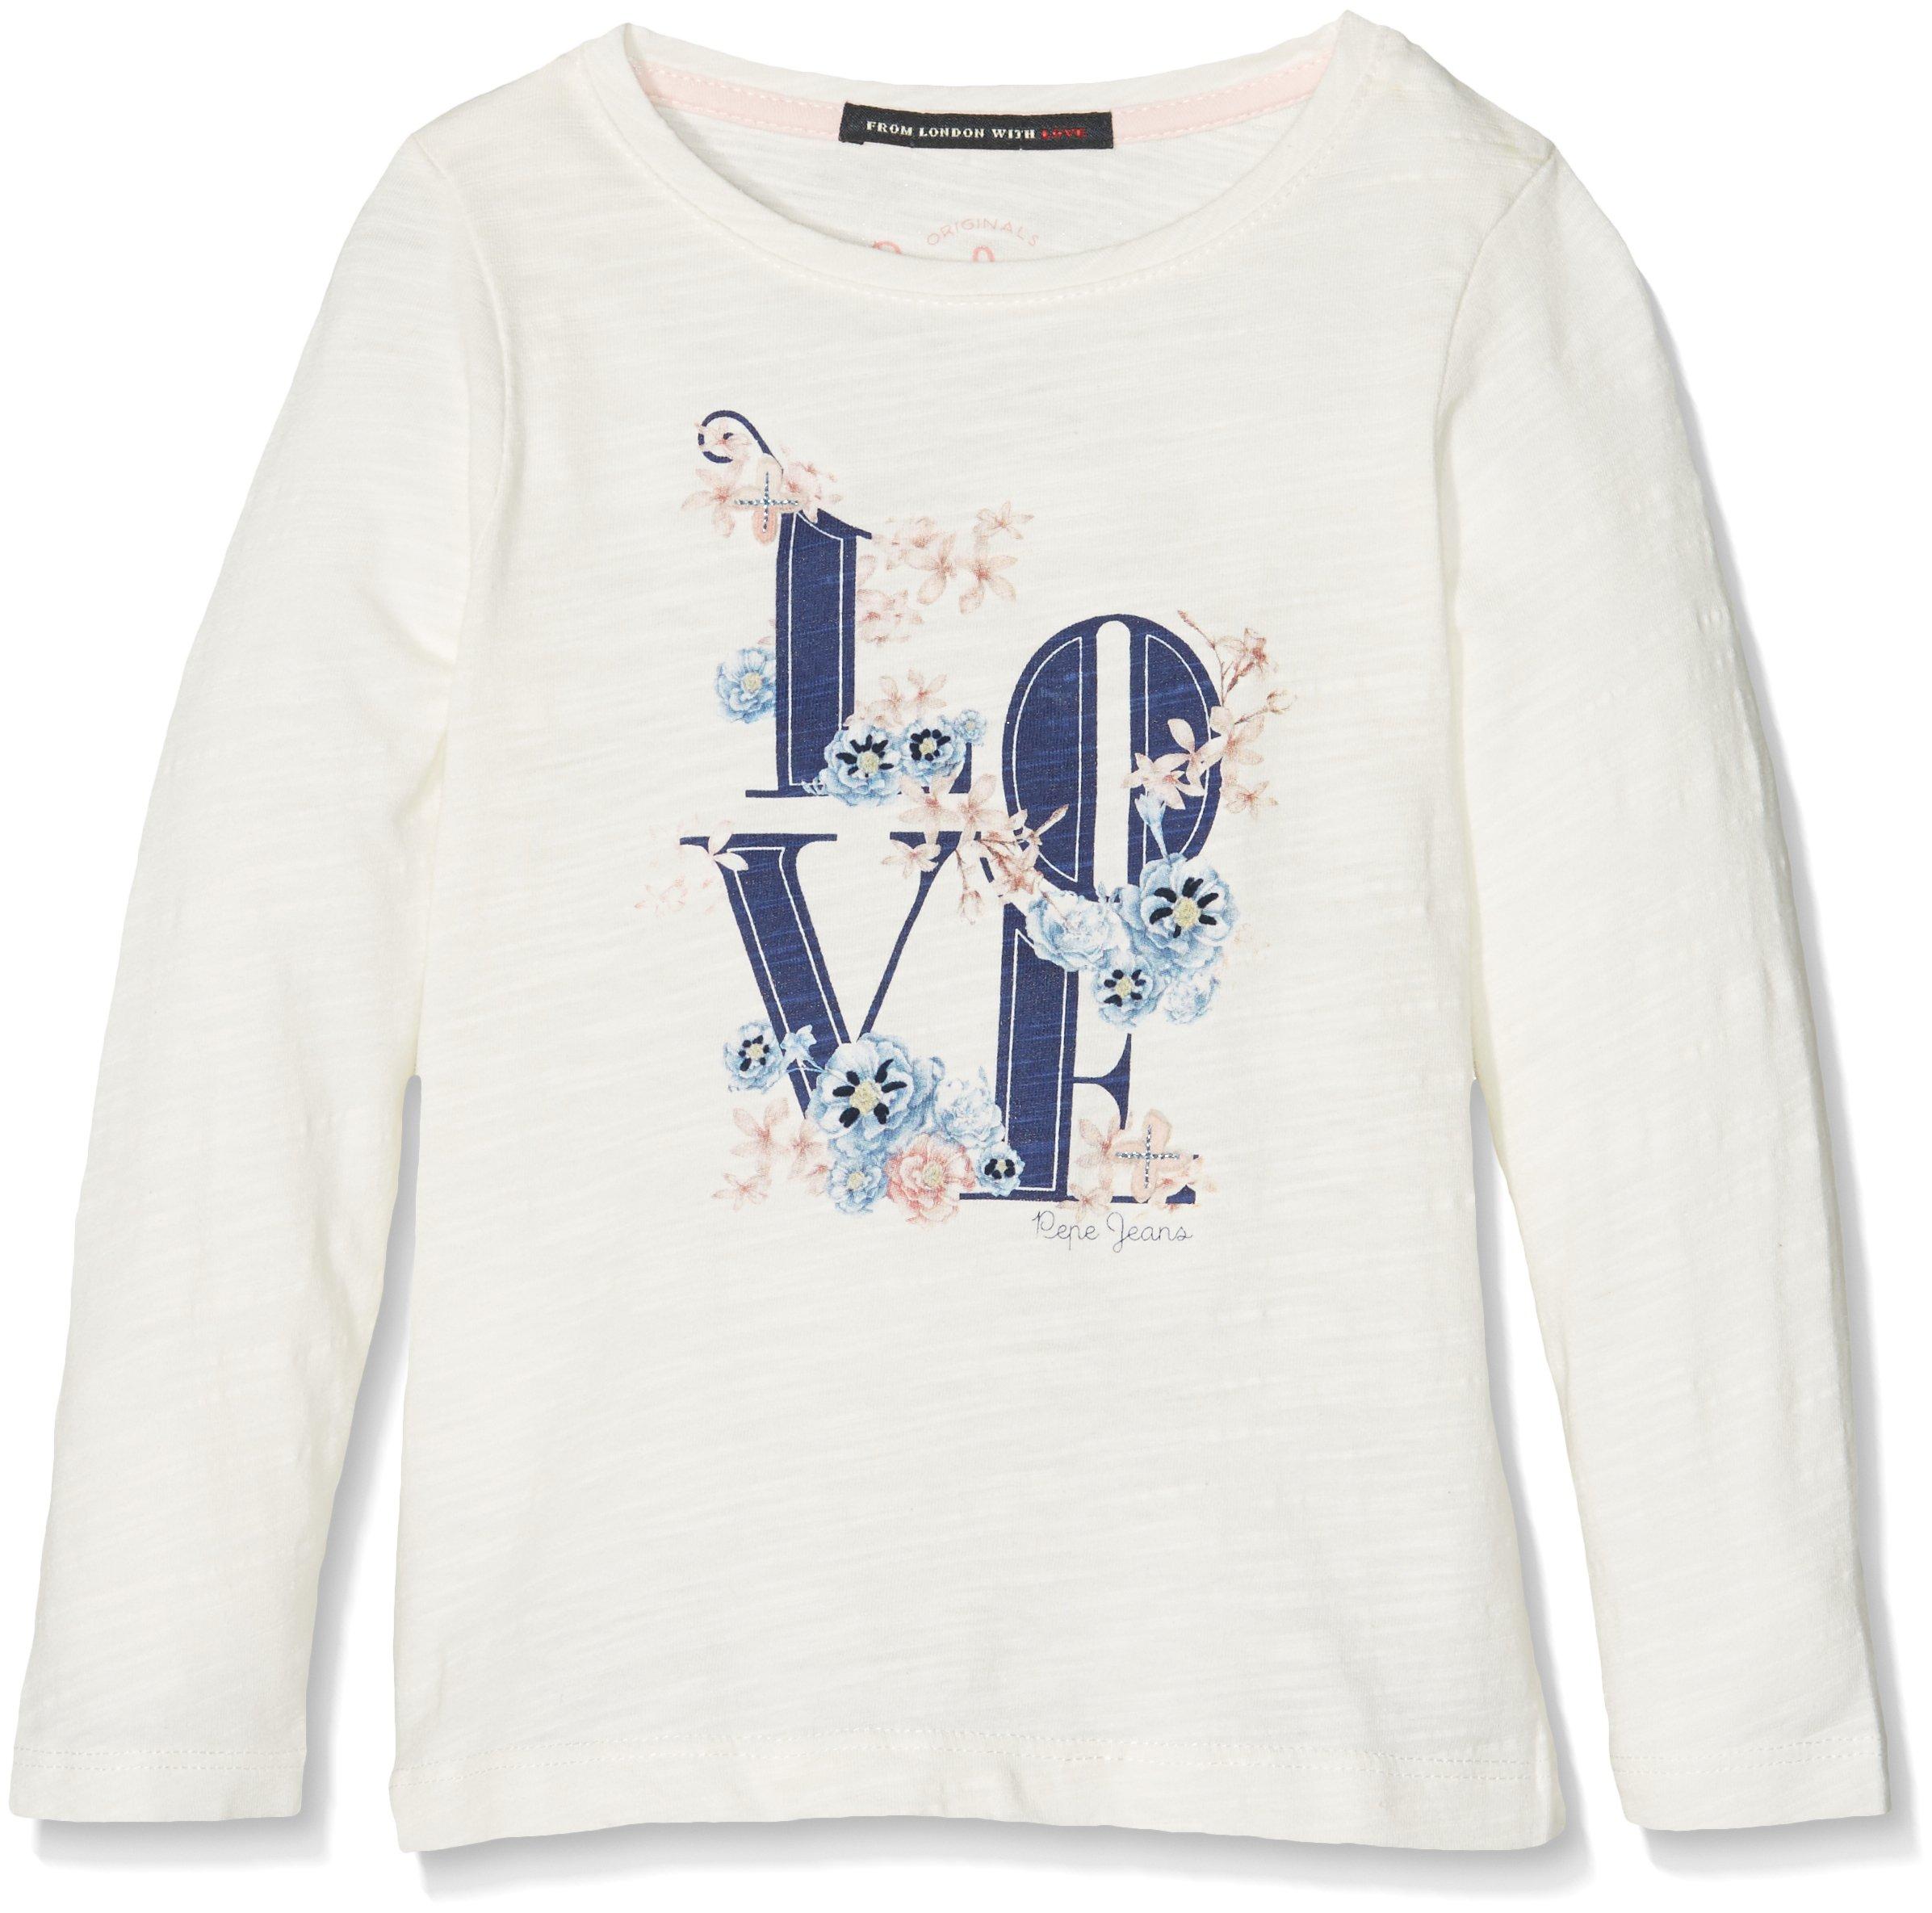 Pepe Jeans Jasmine Kids Camiseta para Niños